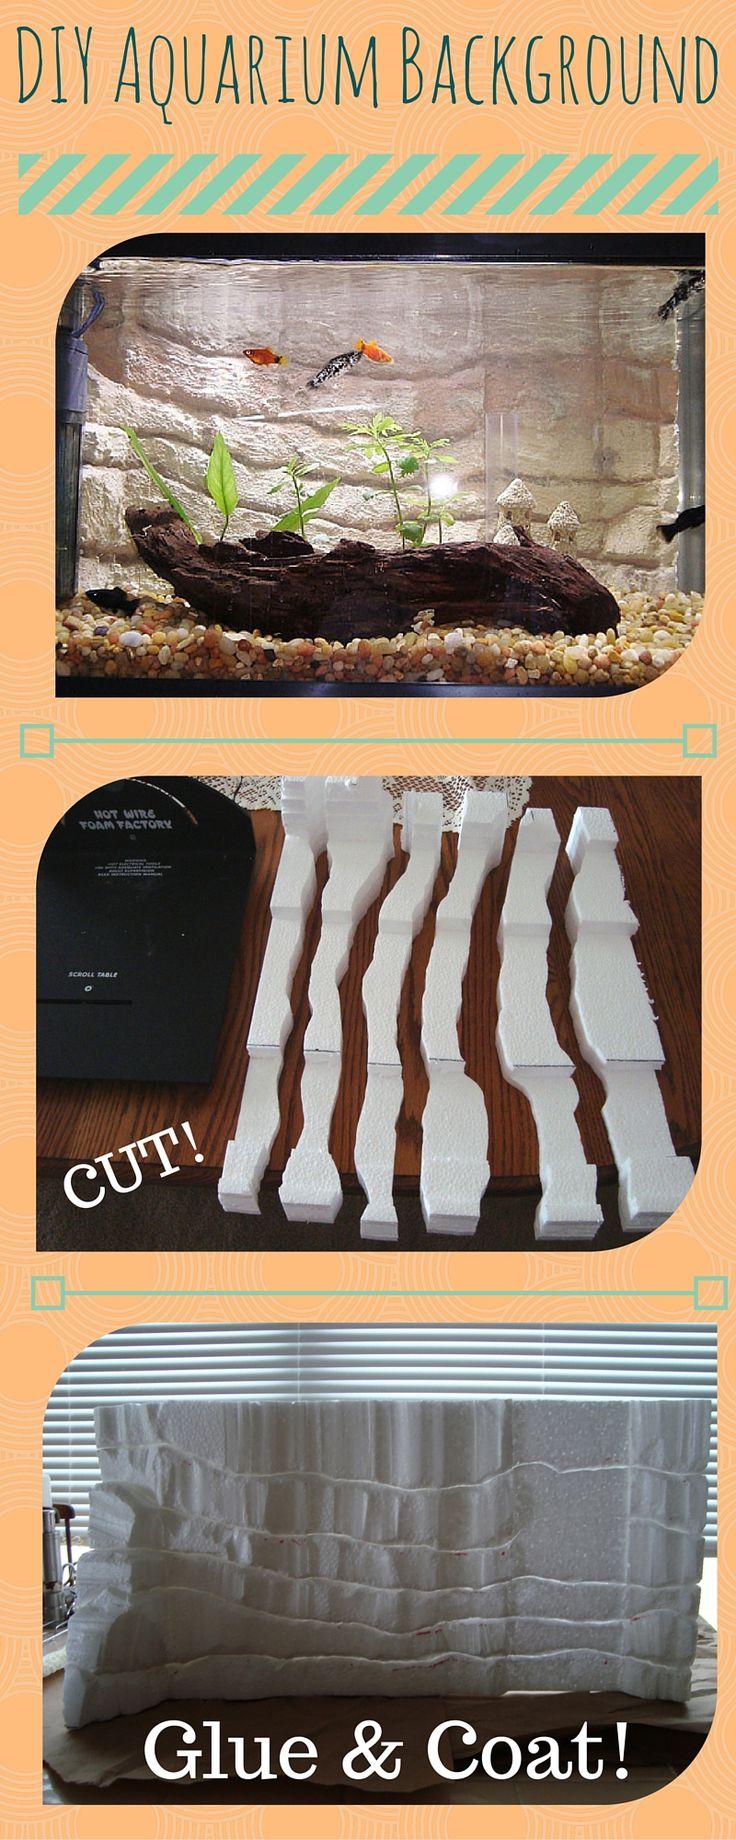 EASY DIY Aquarium Background!  #aquarium #diy #petfish #custom #tutorial #aquascape #aquariumbackground #background #rock #styrofoam